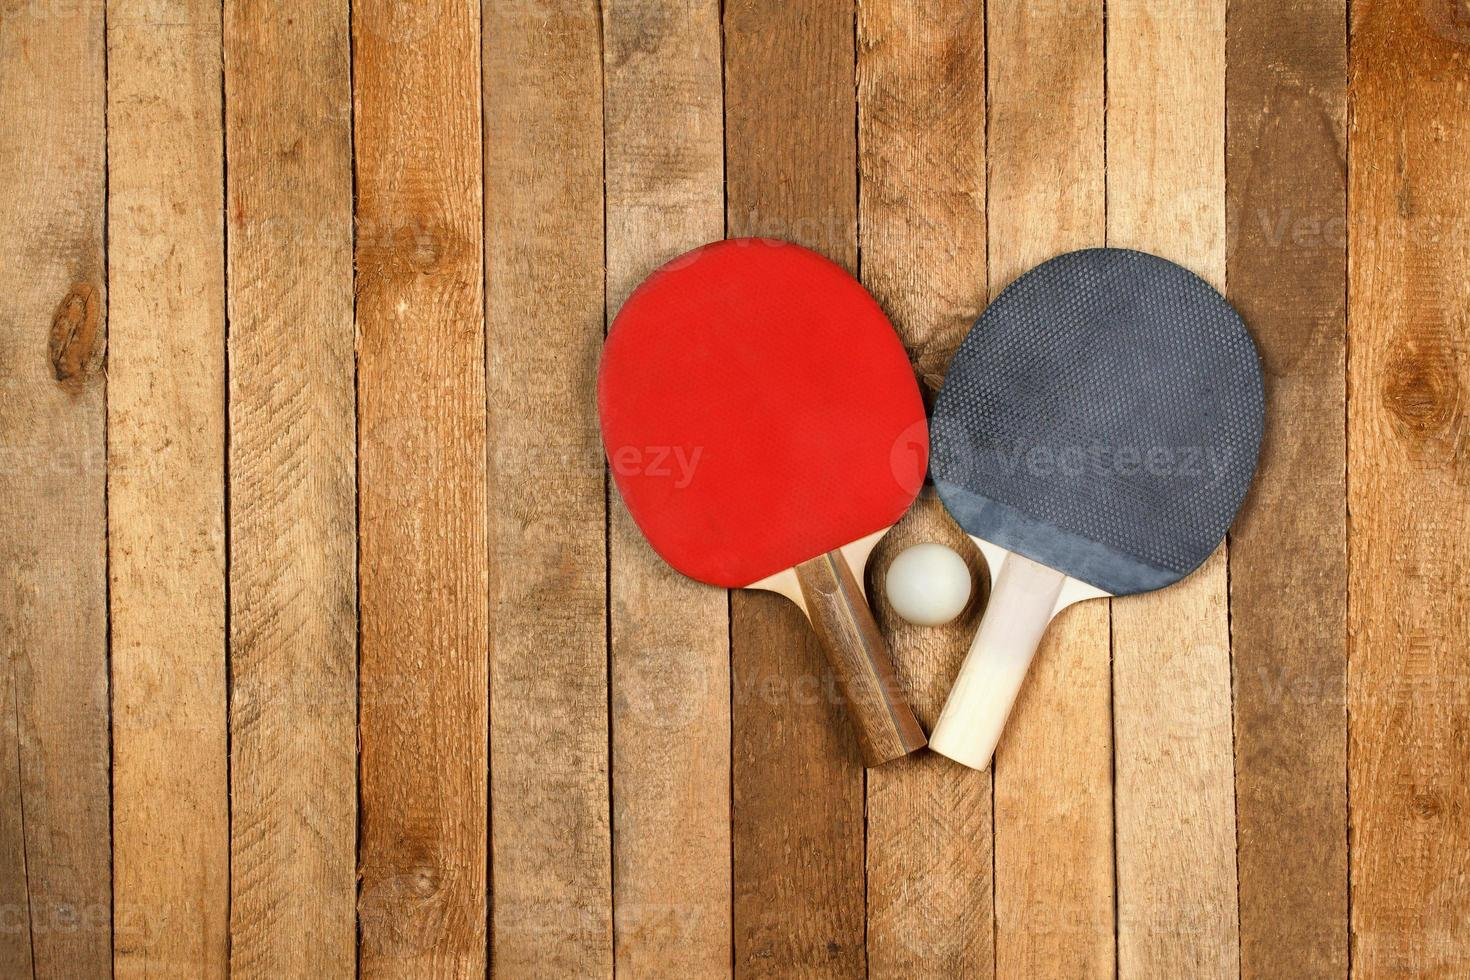 balle et pagaie de ping pong photo